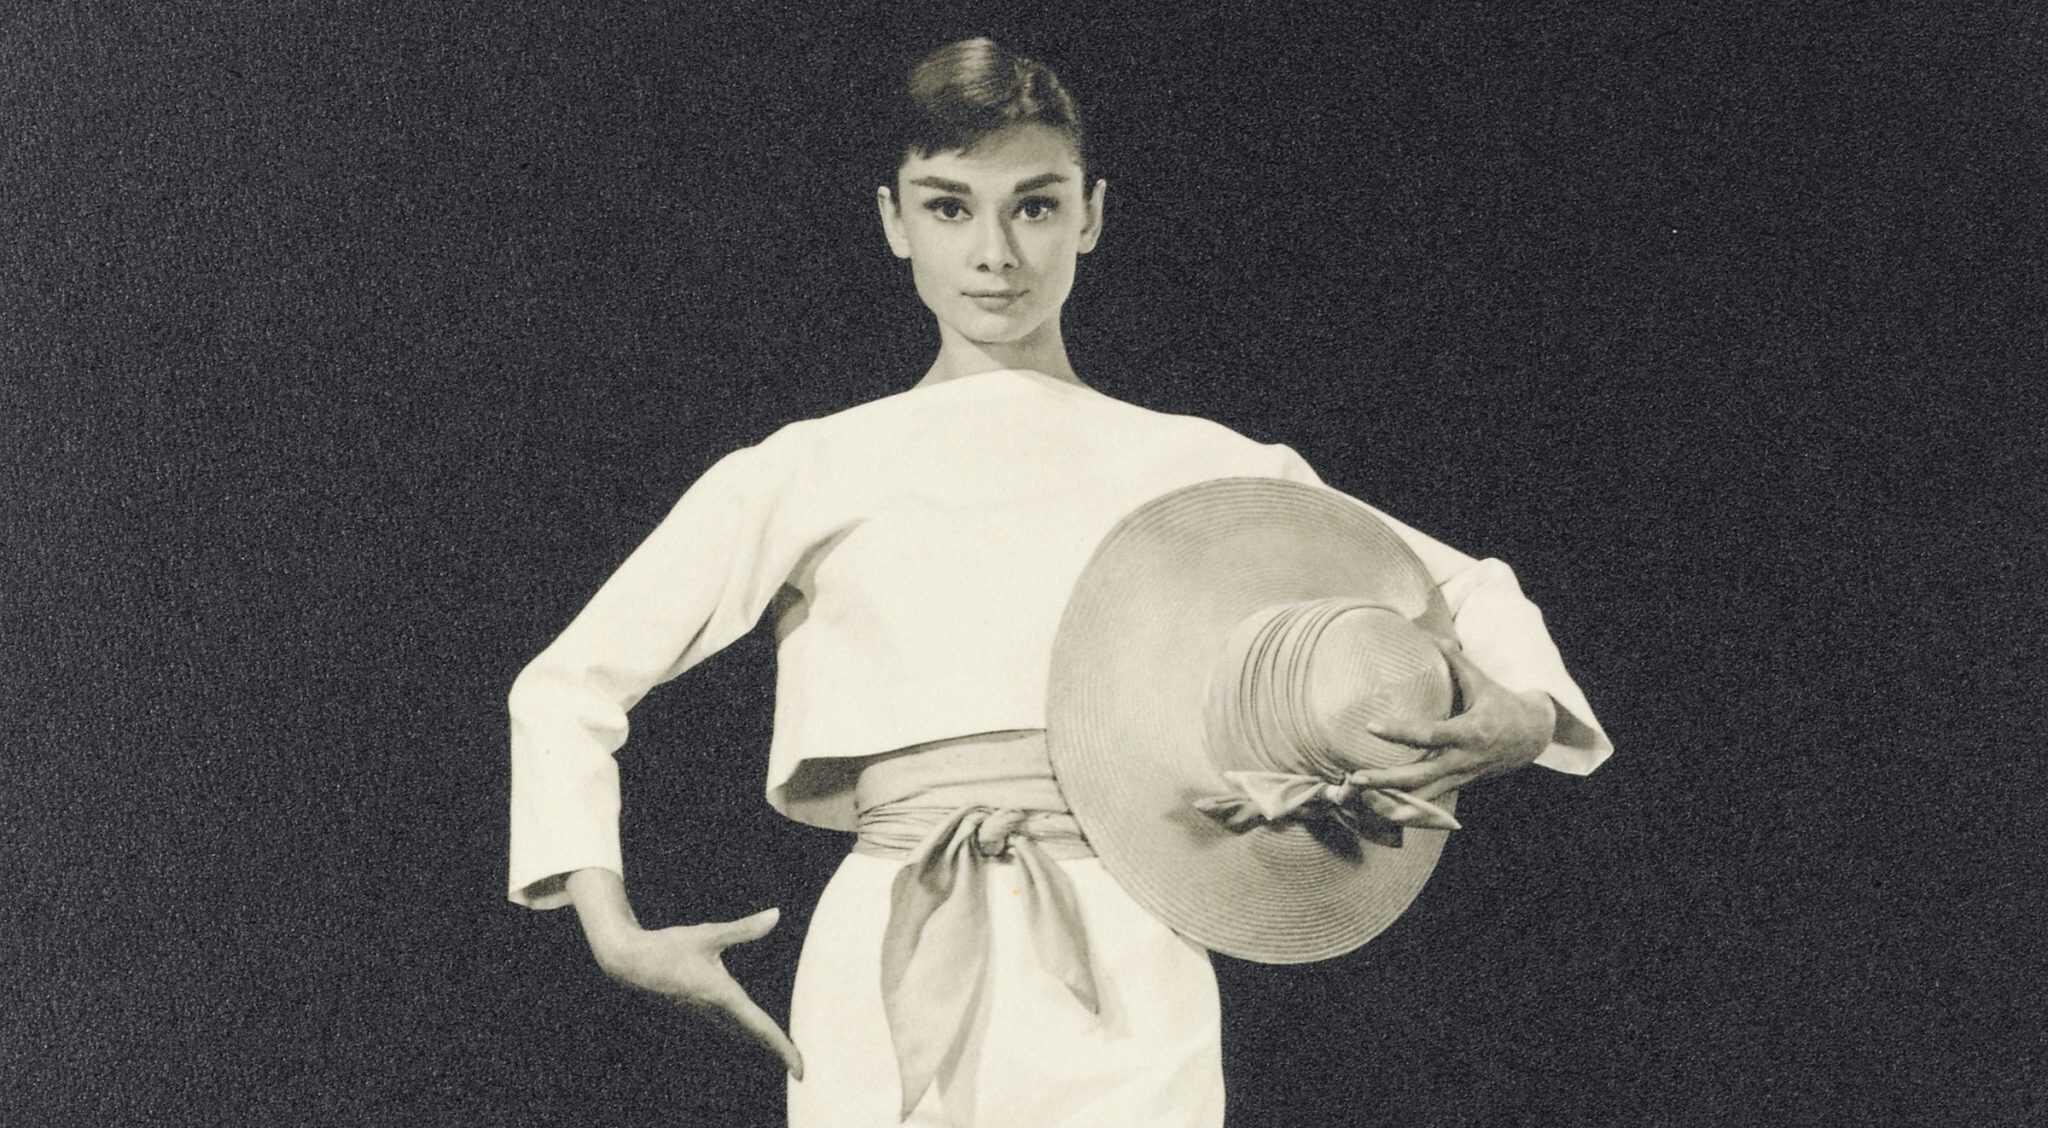 Audrey Hepburn enchères Christie's